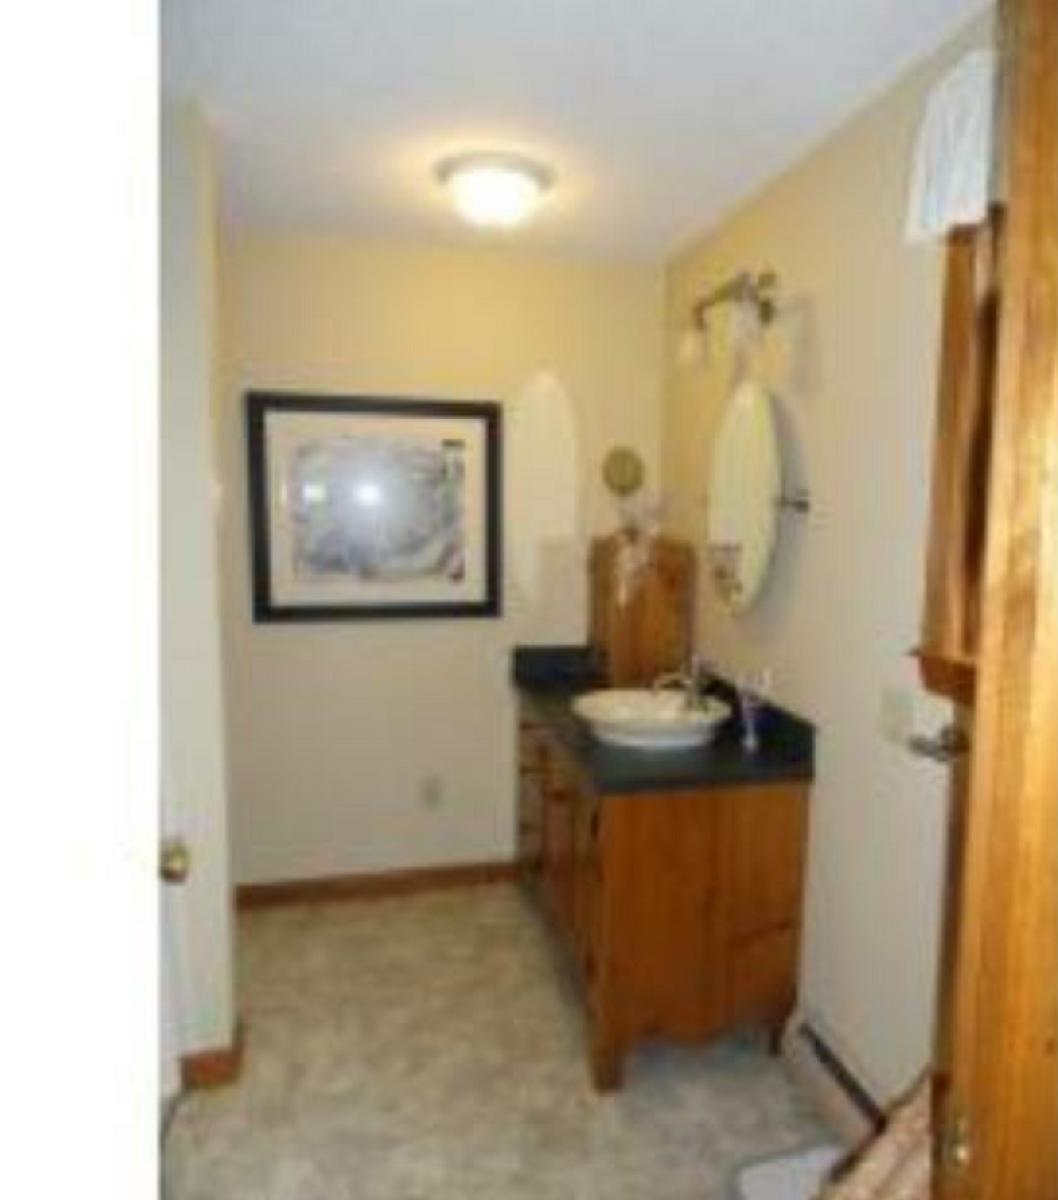 Bathroom Remodel Single Vanity To Double Flooring Vinyl Granite